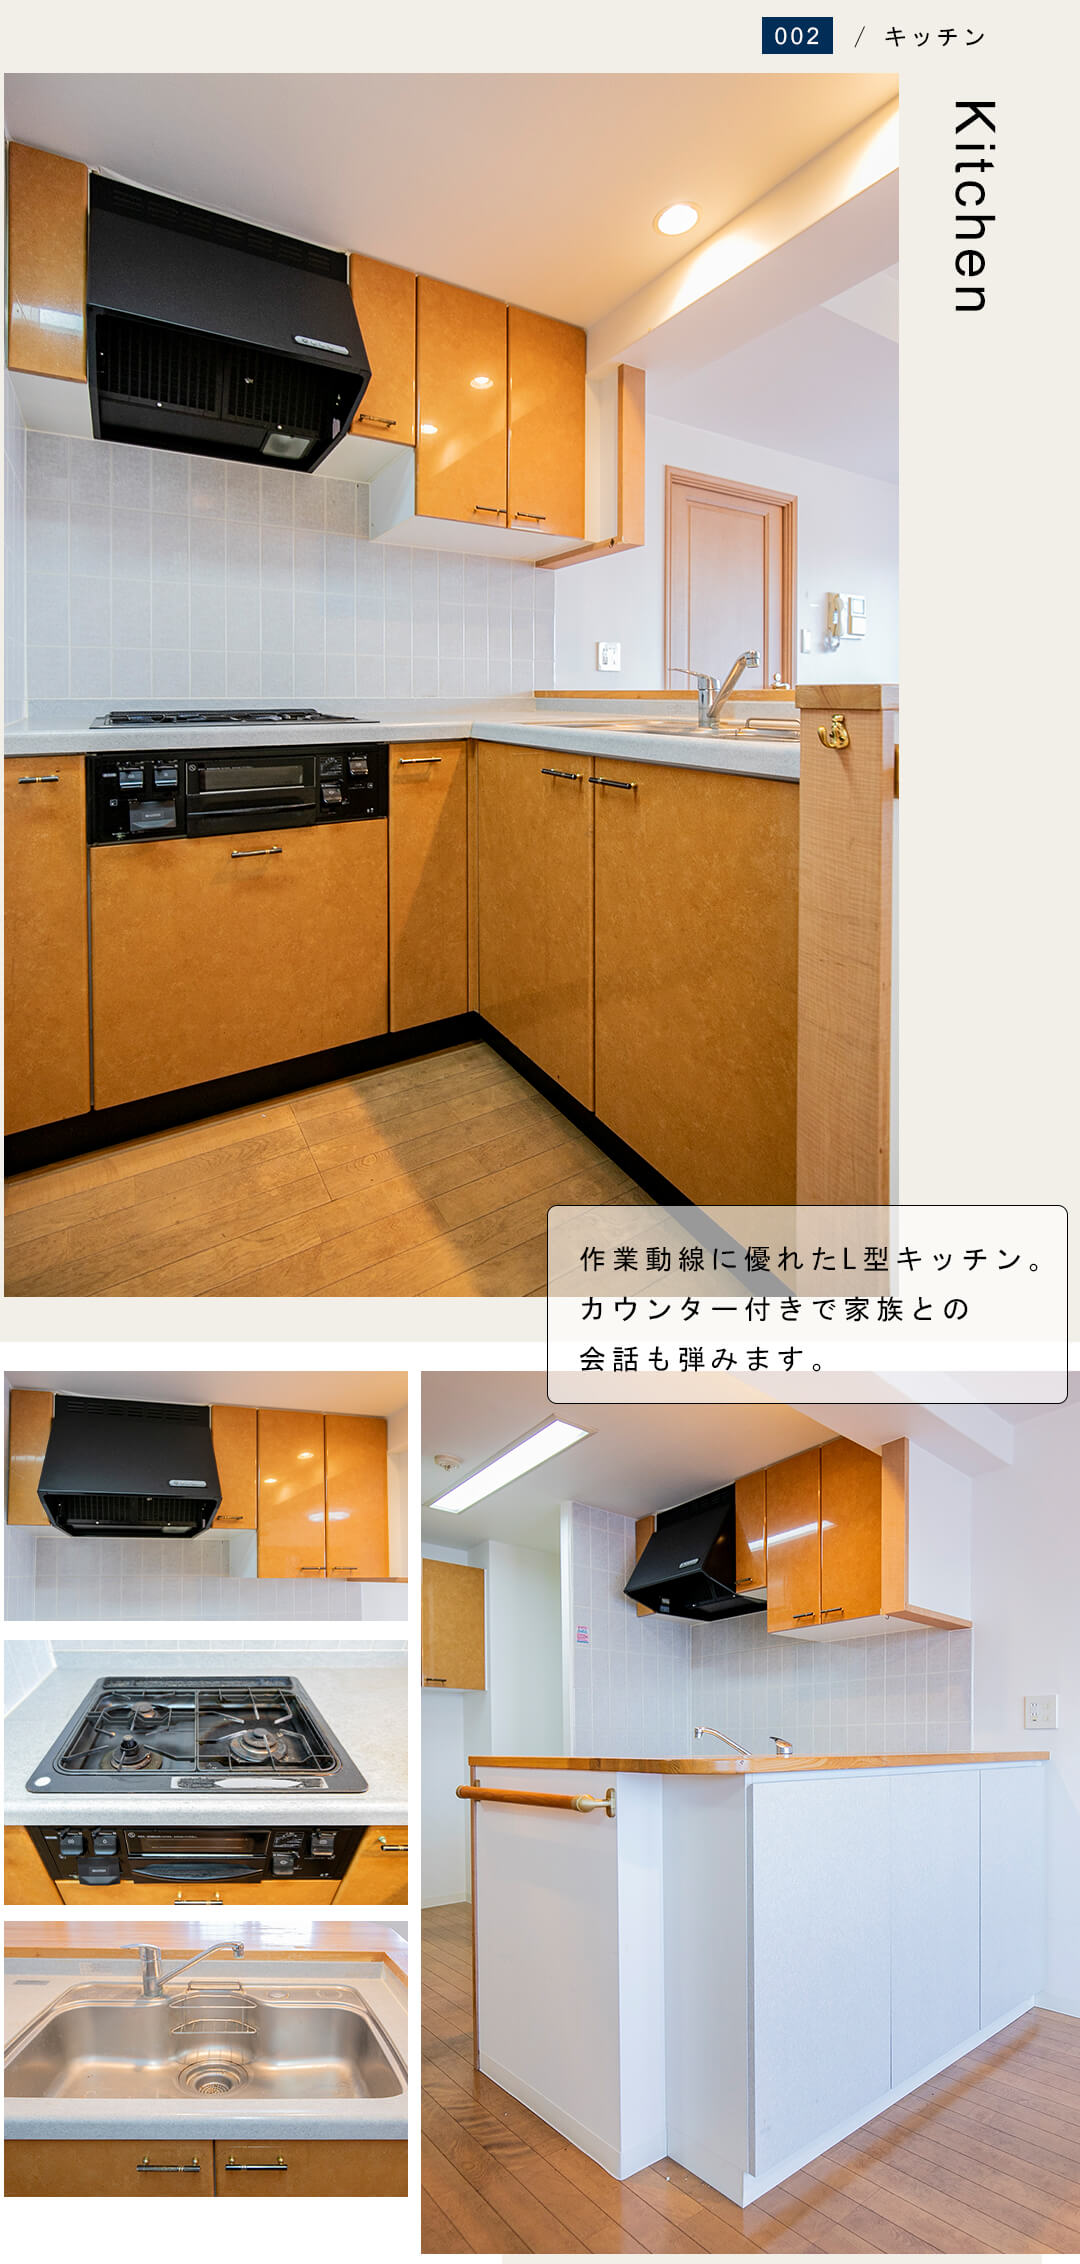 フェイムフロンテージ高田馬場のキッチン